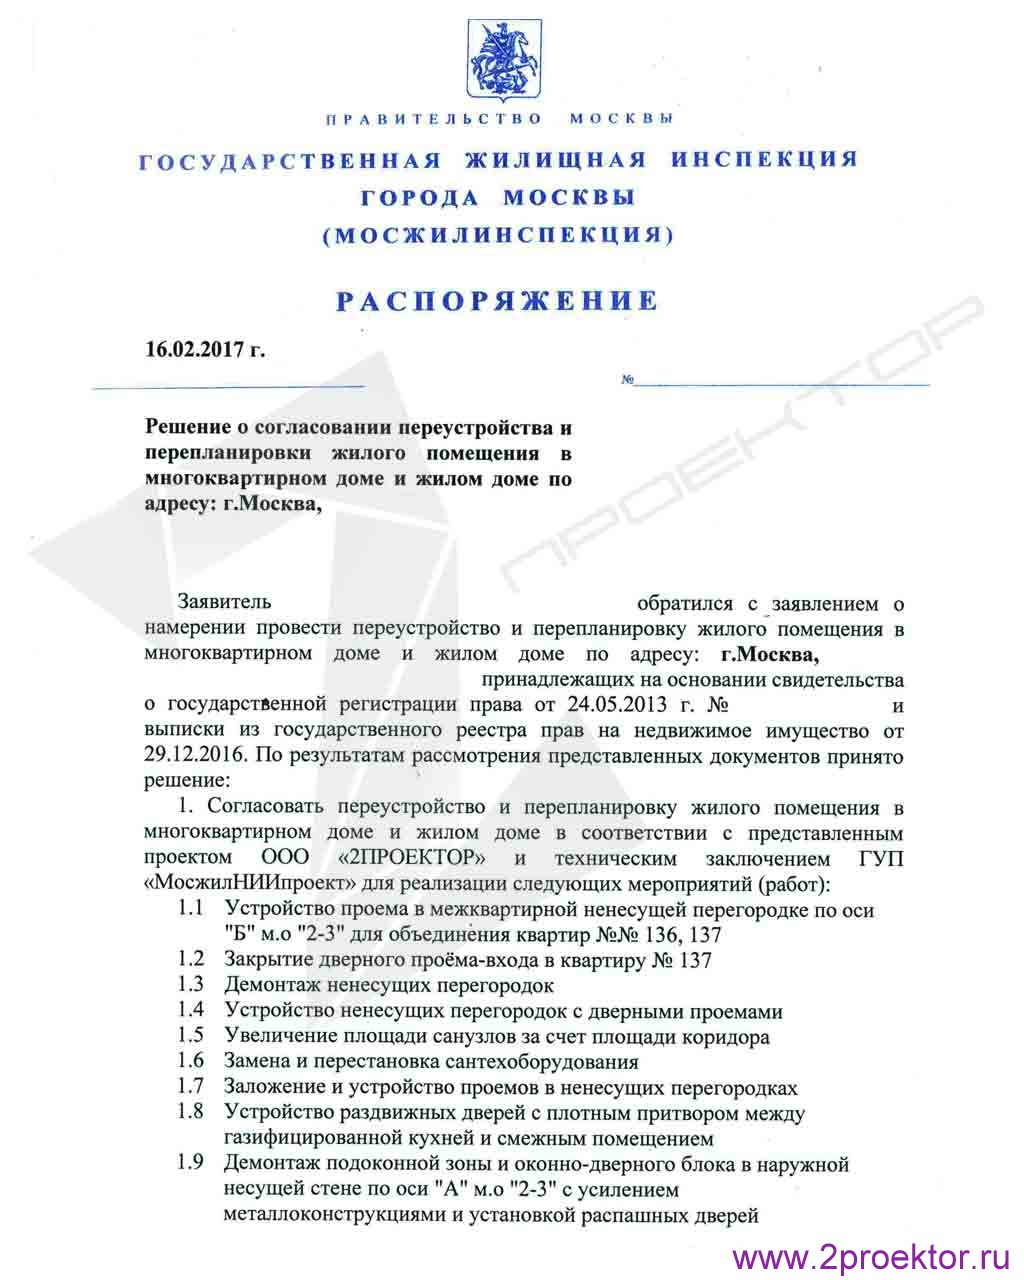 Распоряжение Мосжилинспекции на перепланировку квартиры